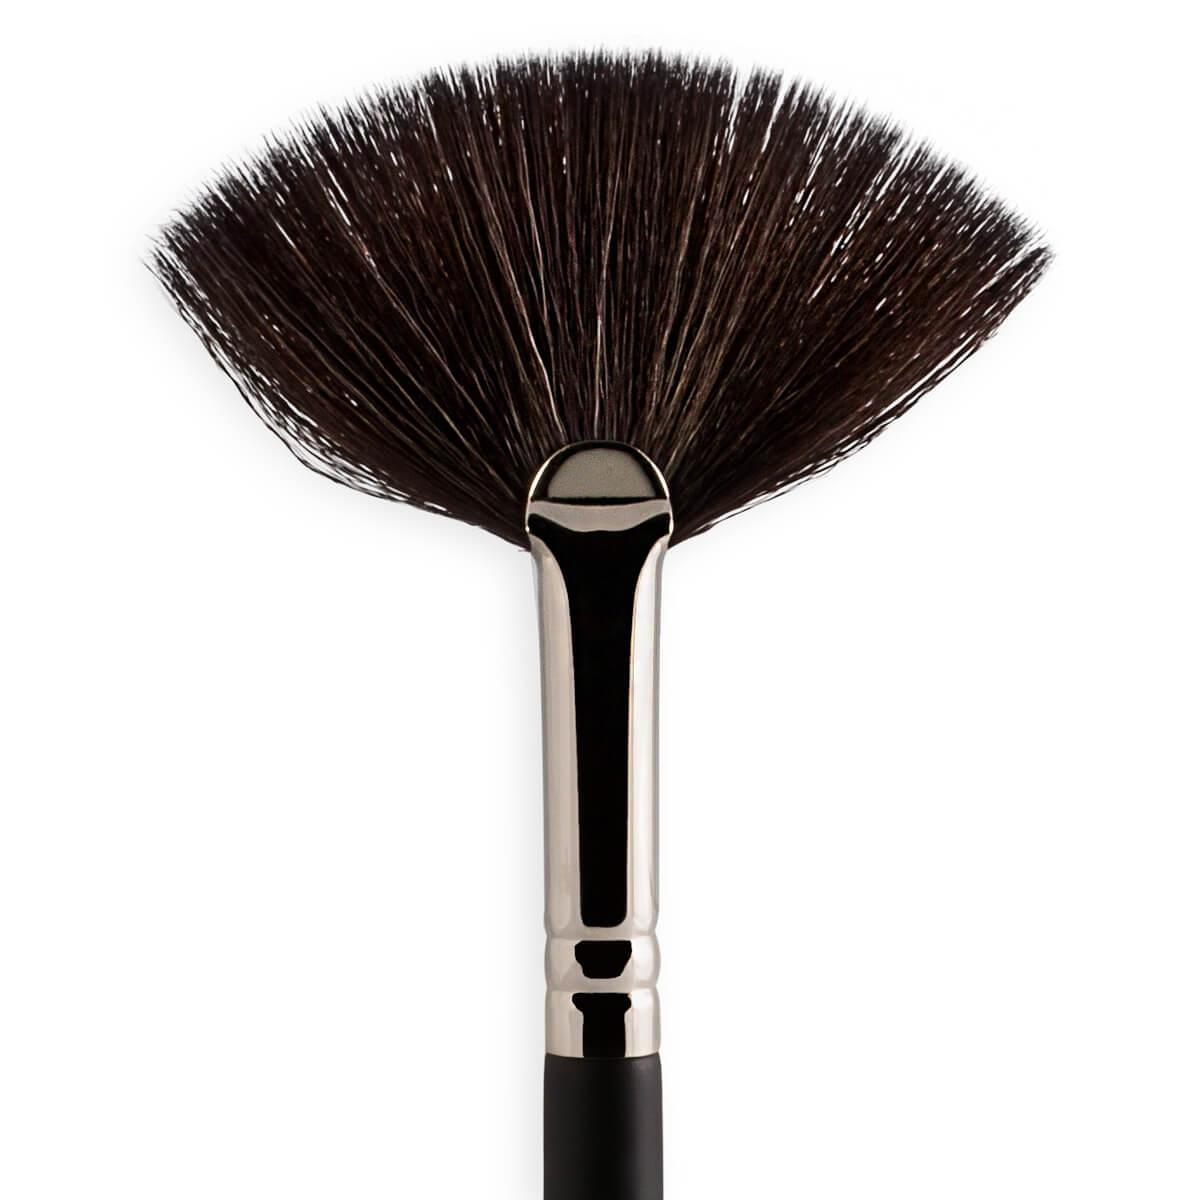 S137 - Pincel Leque Para Iluminador Sffumato Beauty